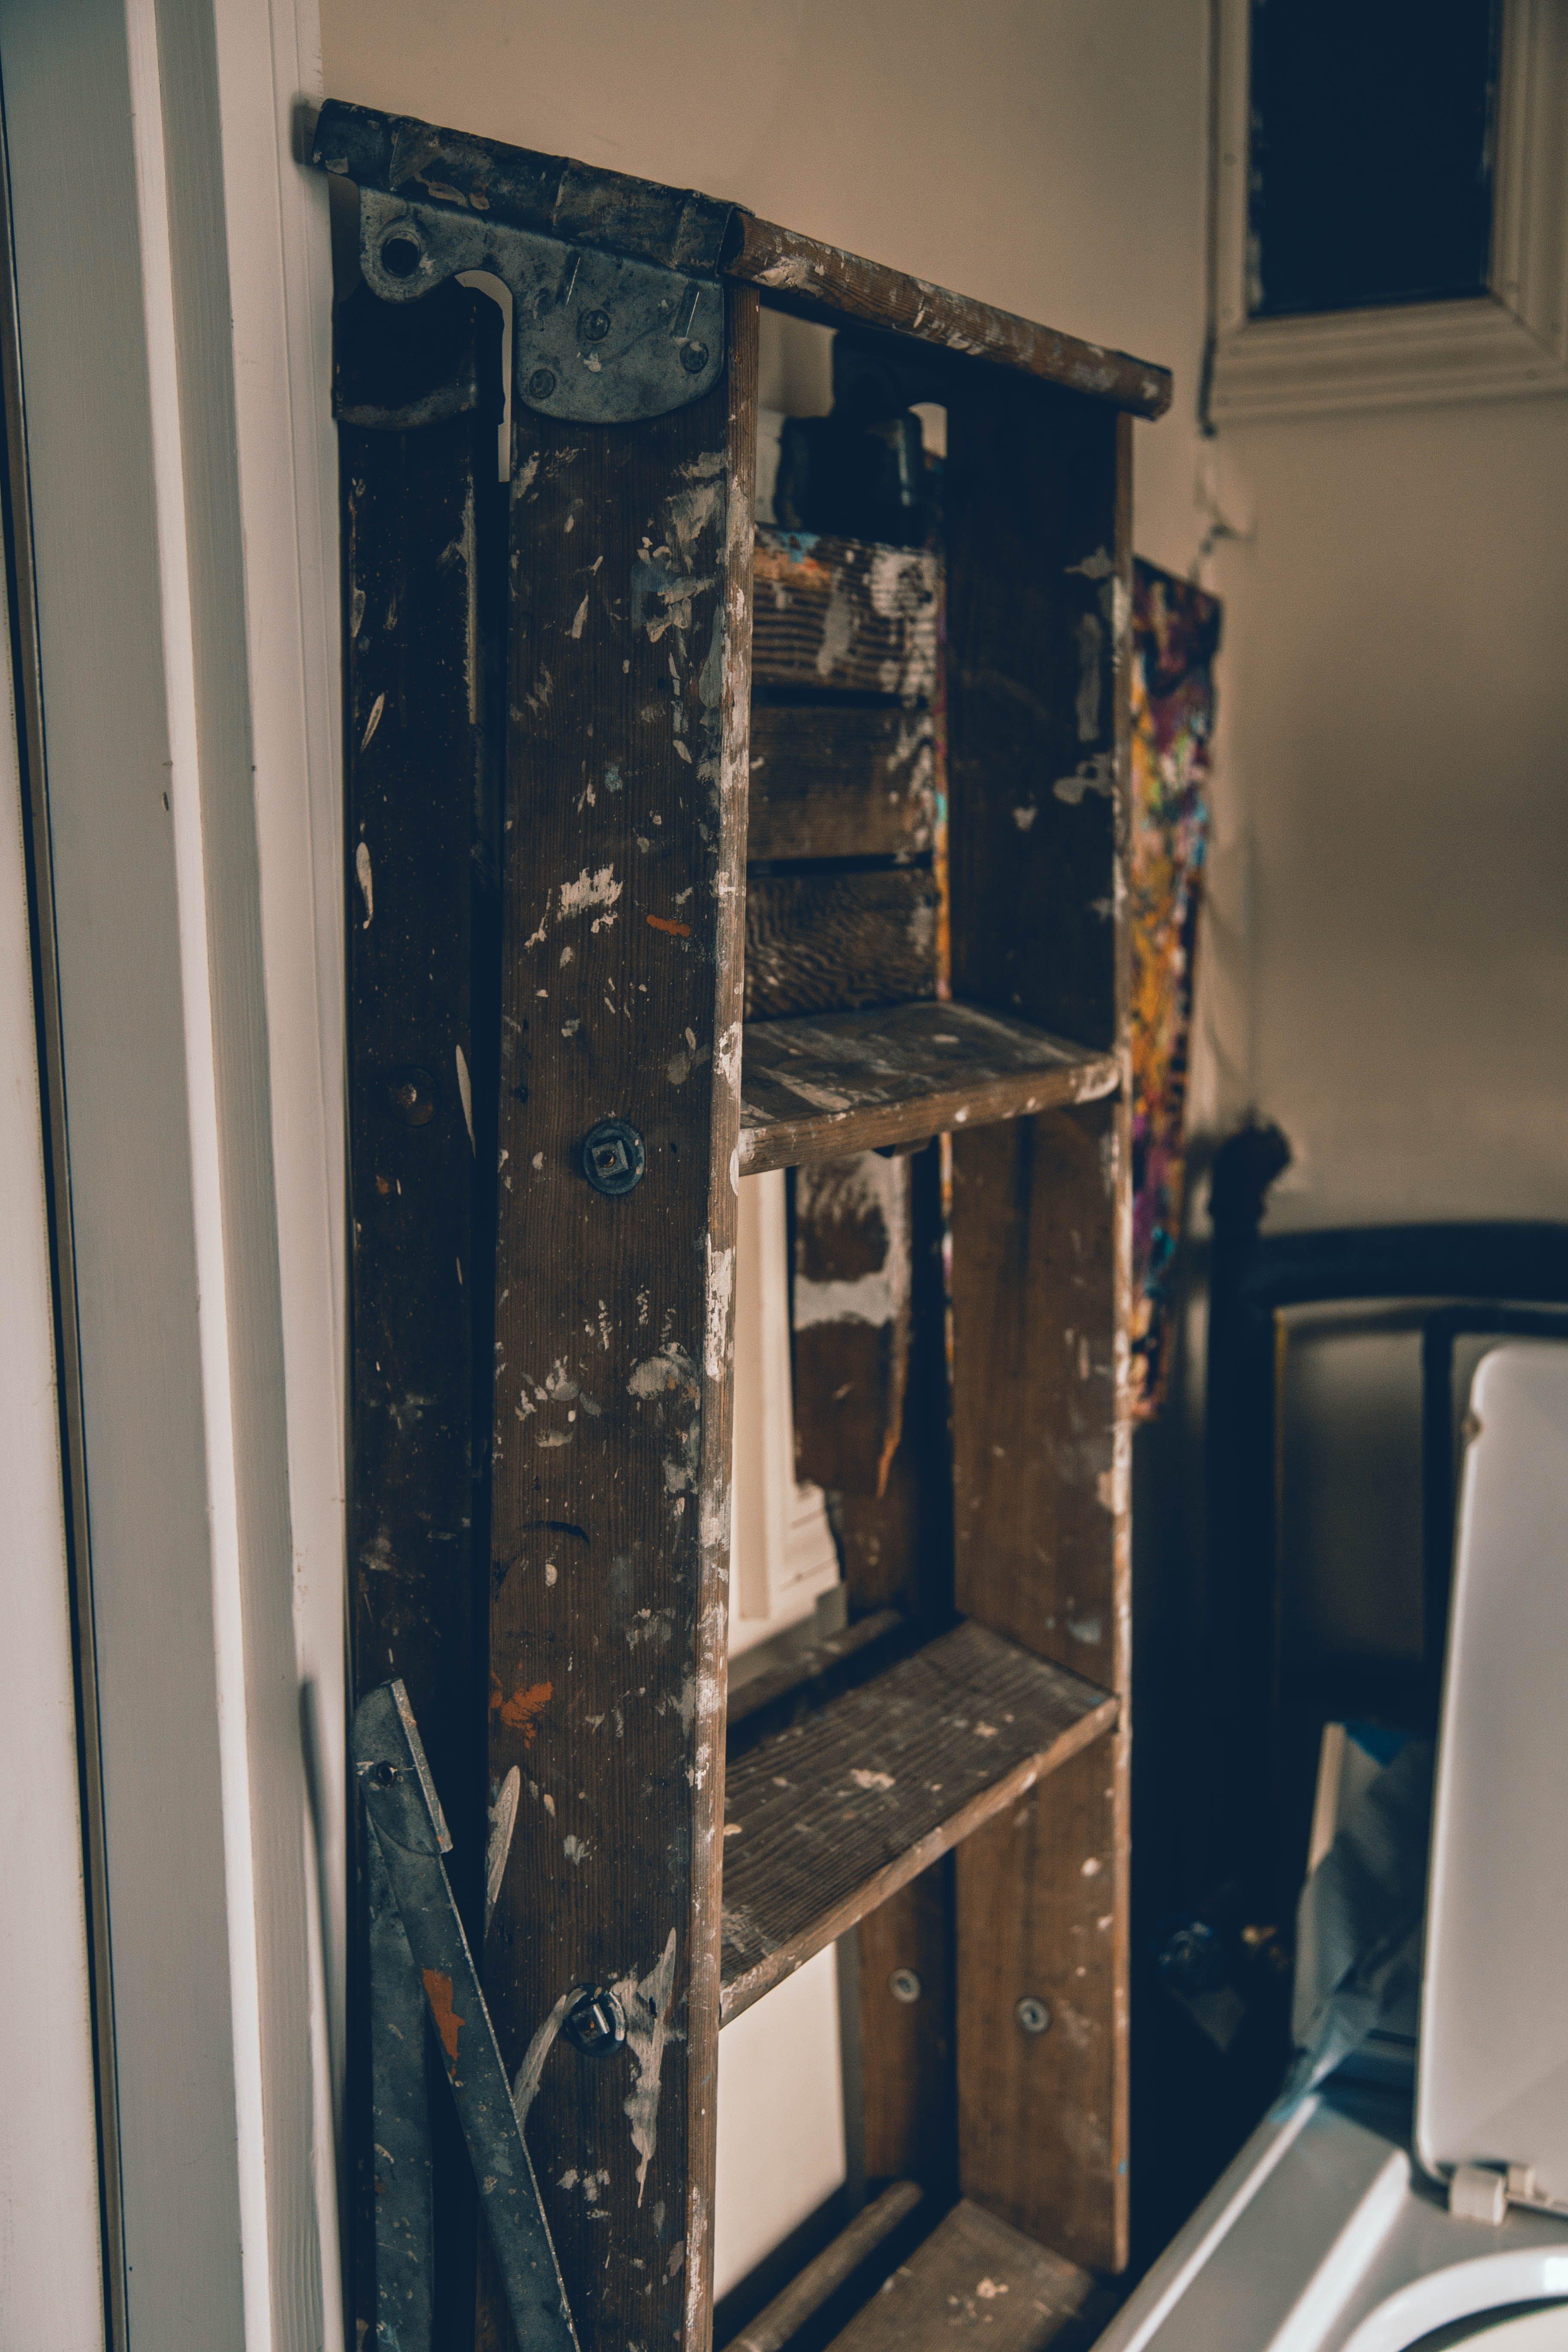 더러운, 실내, 정비소, 창고의 무료 스톡 사진